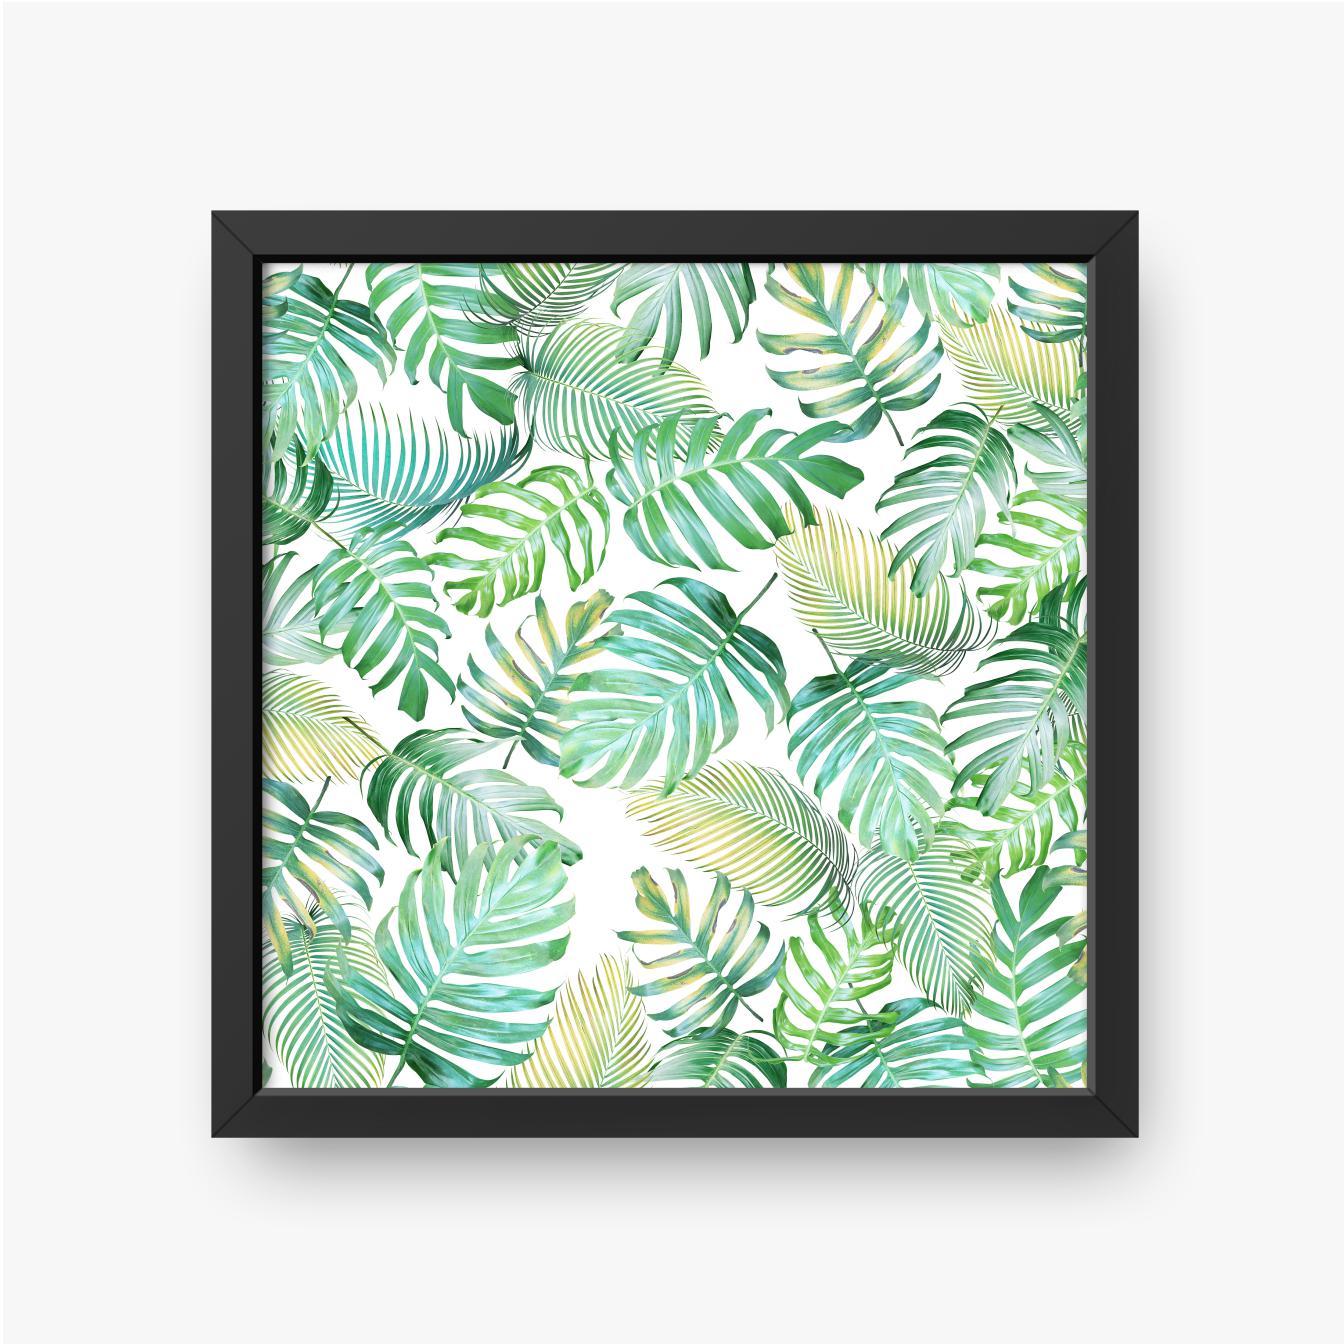 Tropikalne liście bez szwu wzór z monstera i liści palmowych w jasnym zielono-żółtym tonie kolorystycznym